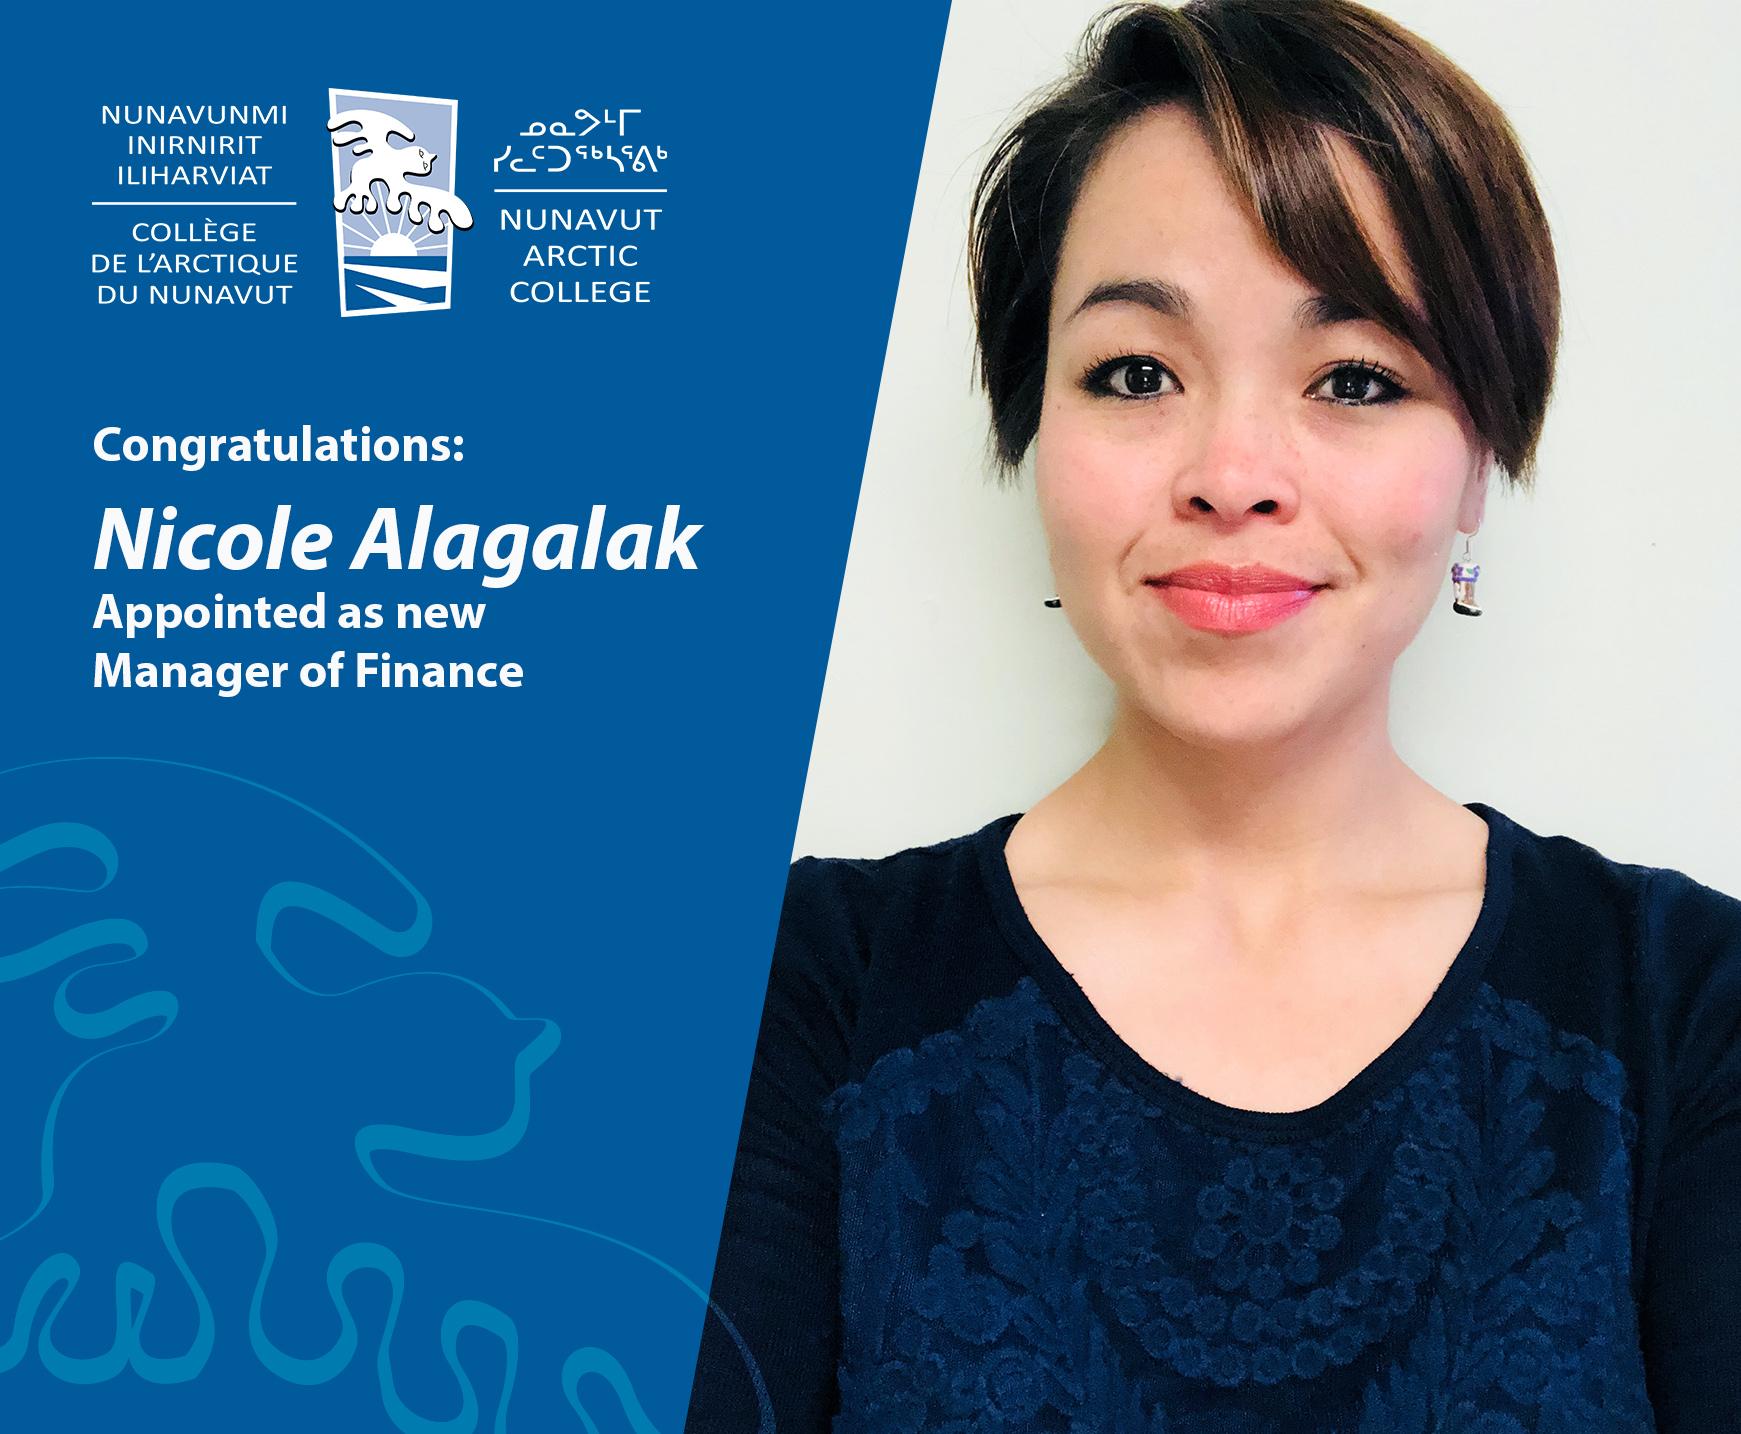 NicoleAlagalak-ad.jpg